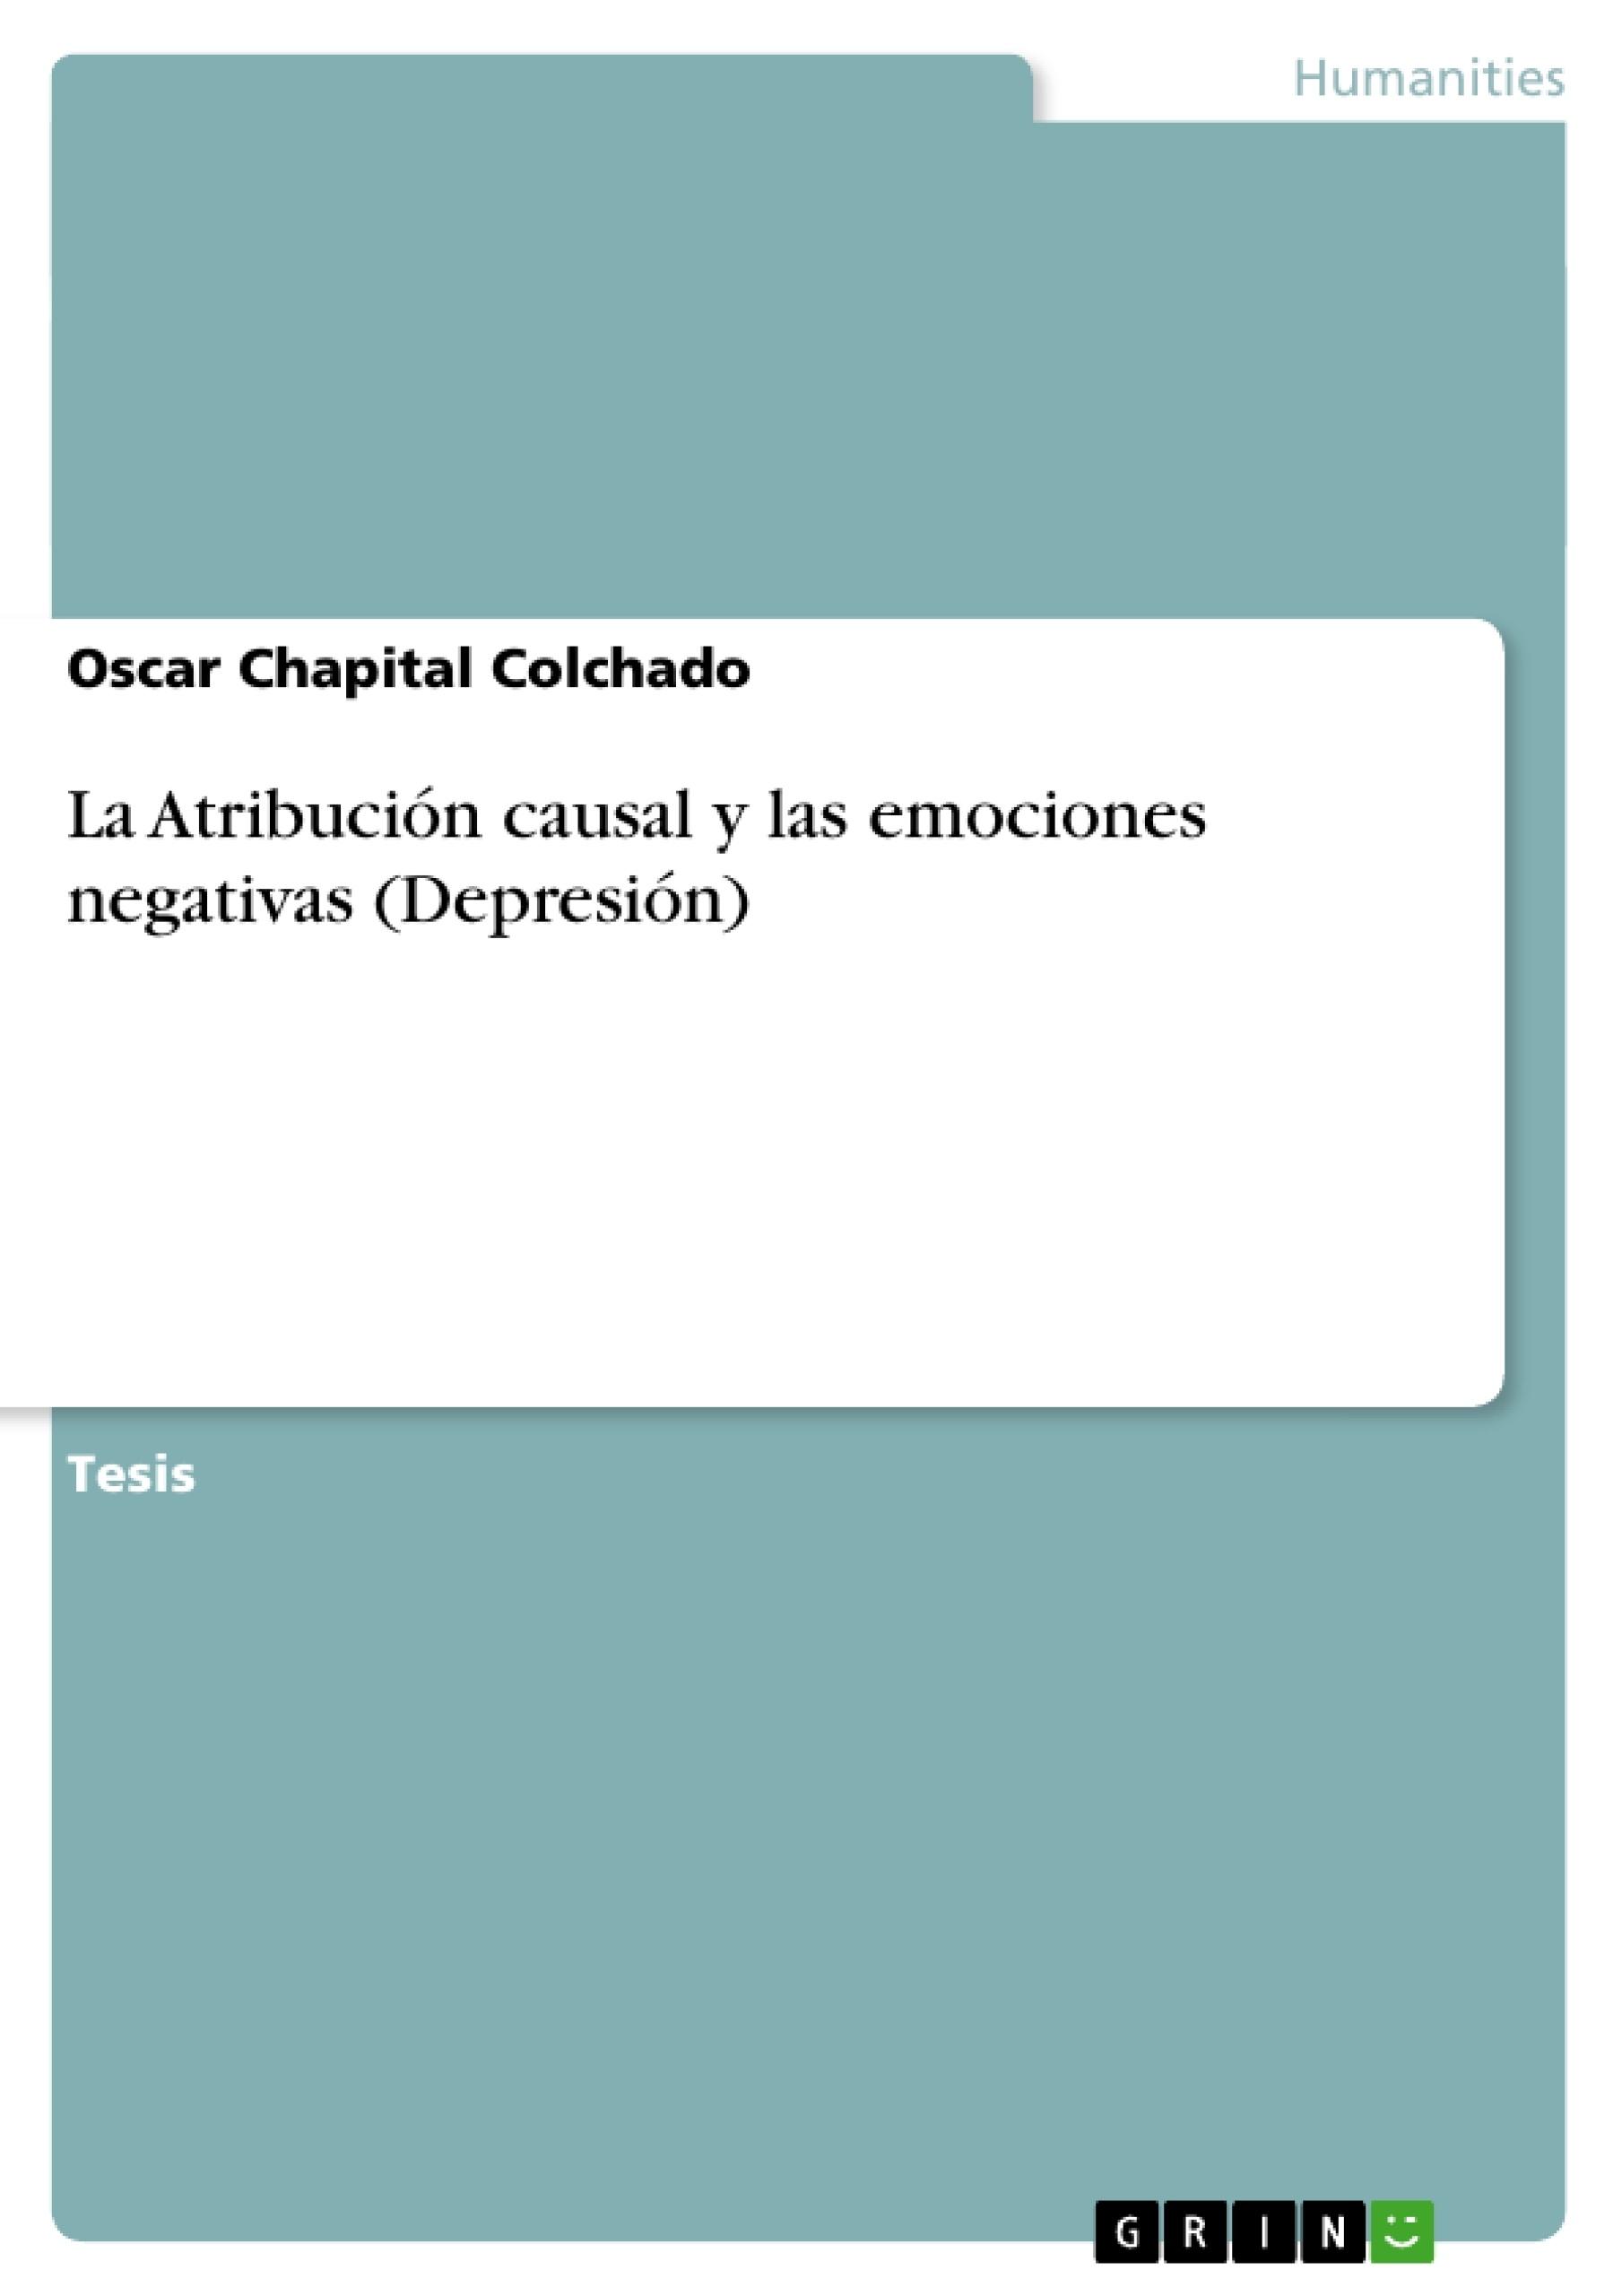 Título: La Atribución causal y las emociones negativas (Depresión)